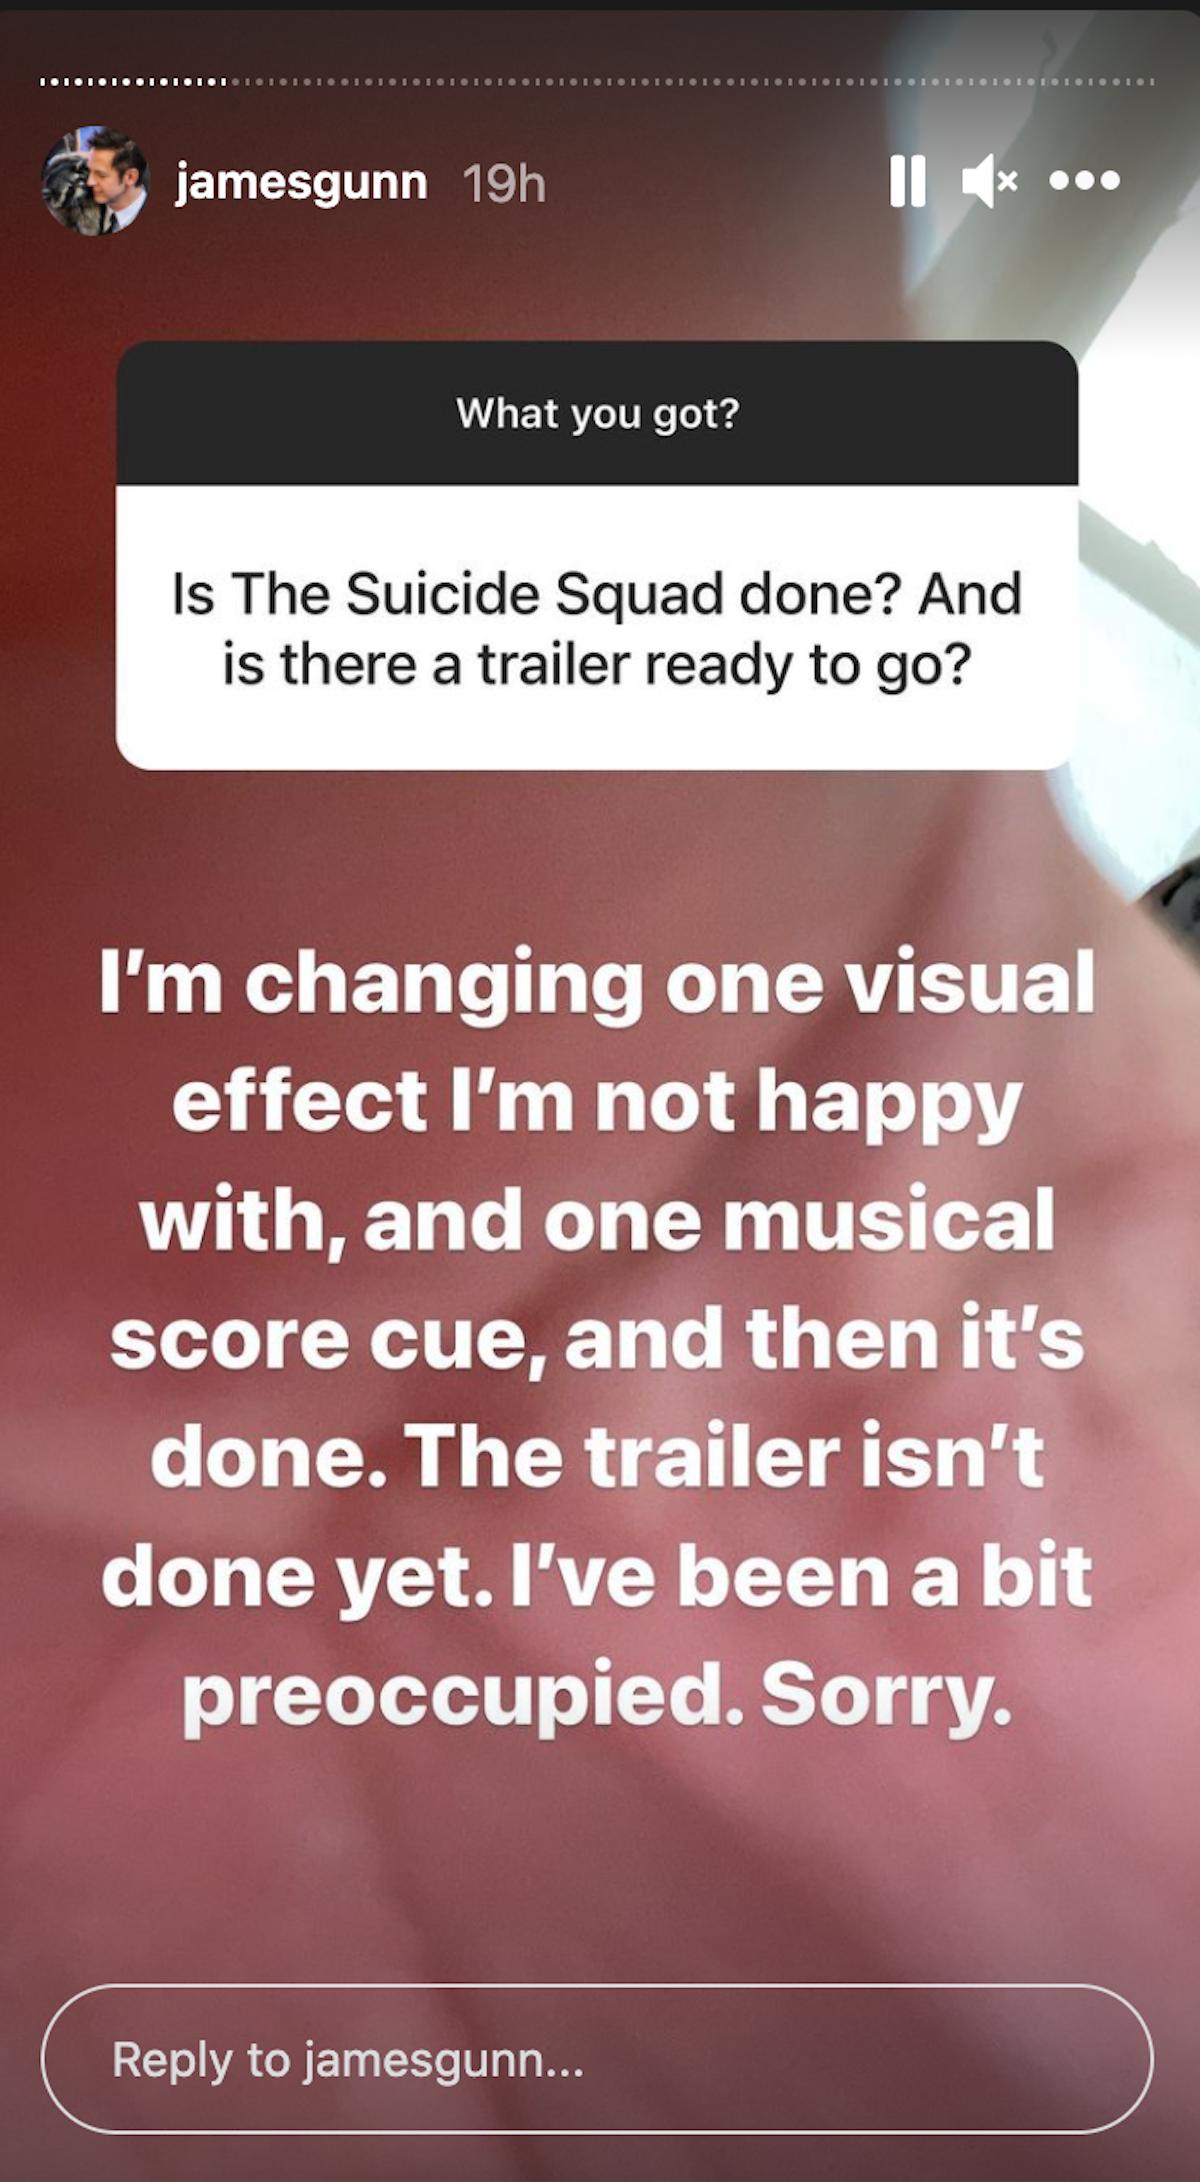 James Gunn's post